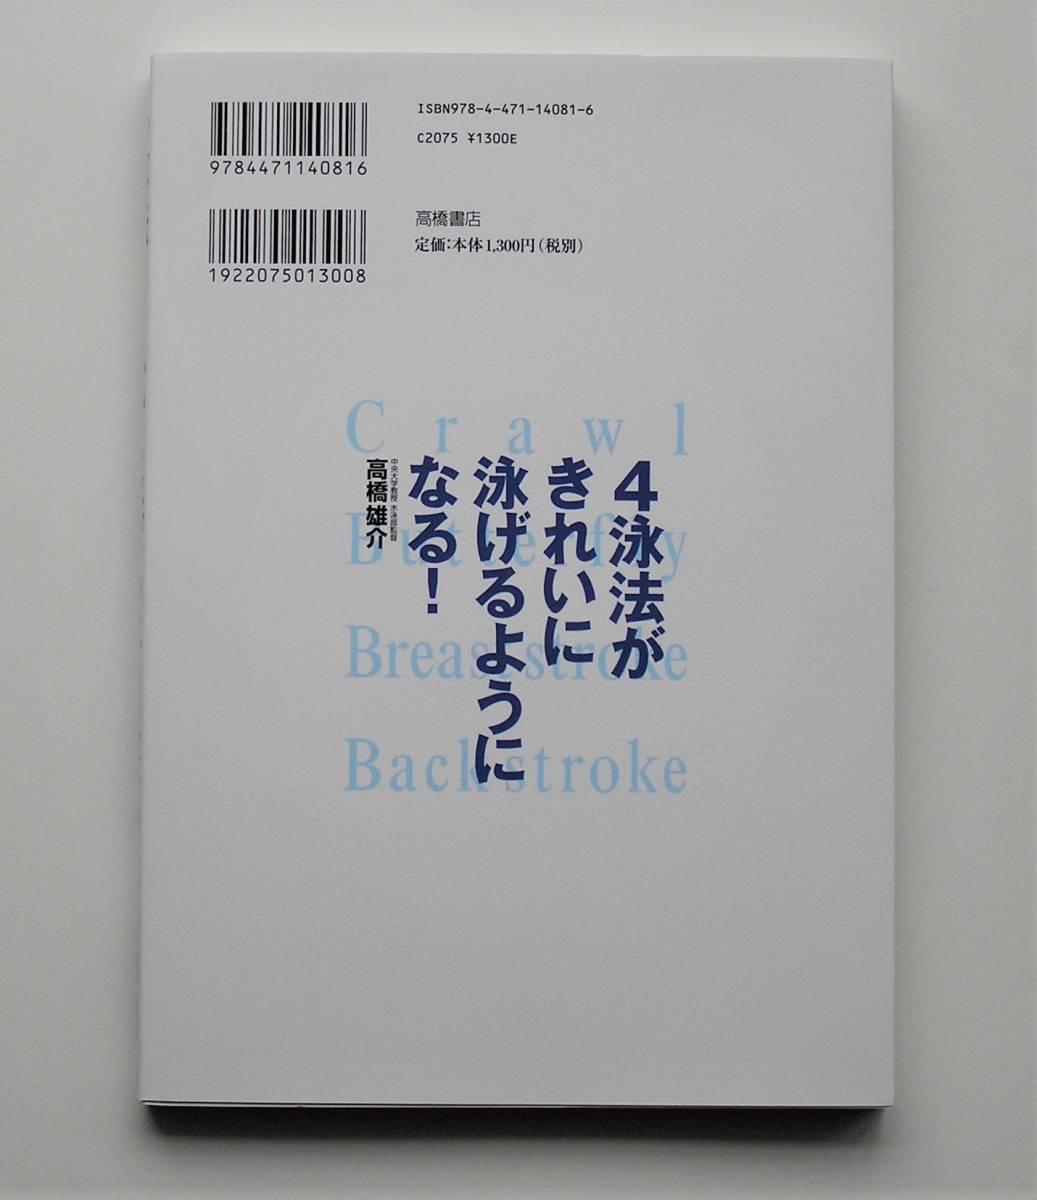 高橋 雄介著 「4泳法がきれいに泳げるようになる!」 高橋書店 2019年 6月 発行_画像2